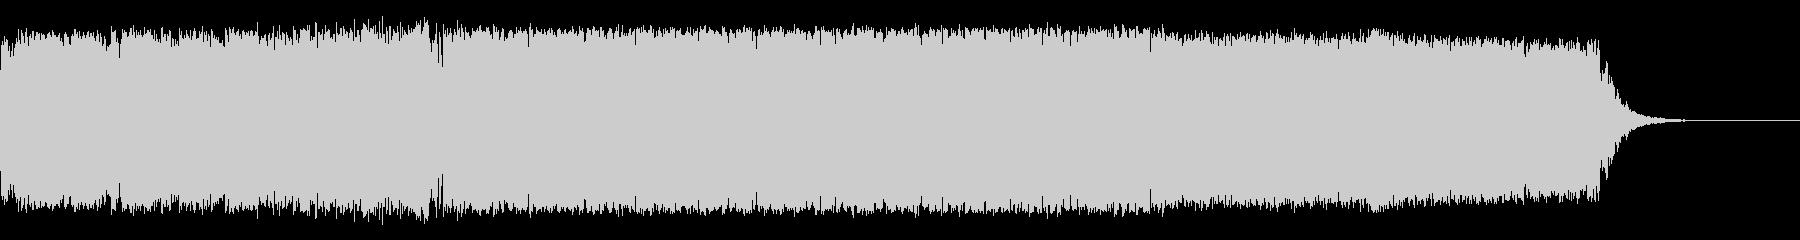 ハイテンション Hardstyleの未再生の波形